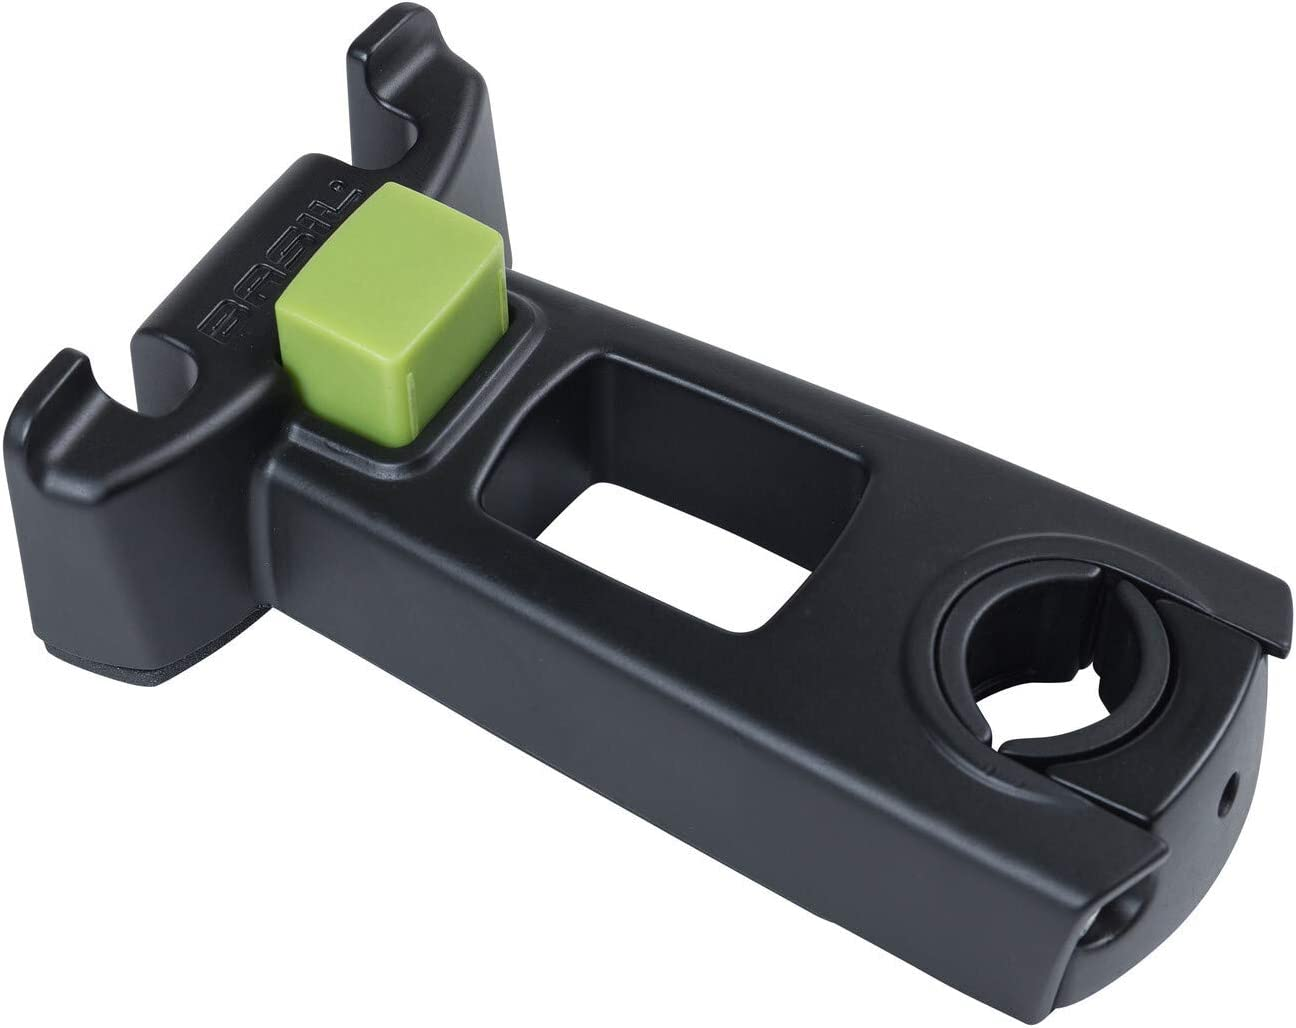 Soporte de tubo de bicicleta con accesorio Klickfix Black 2020 Basil Ahead